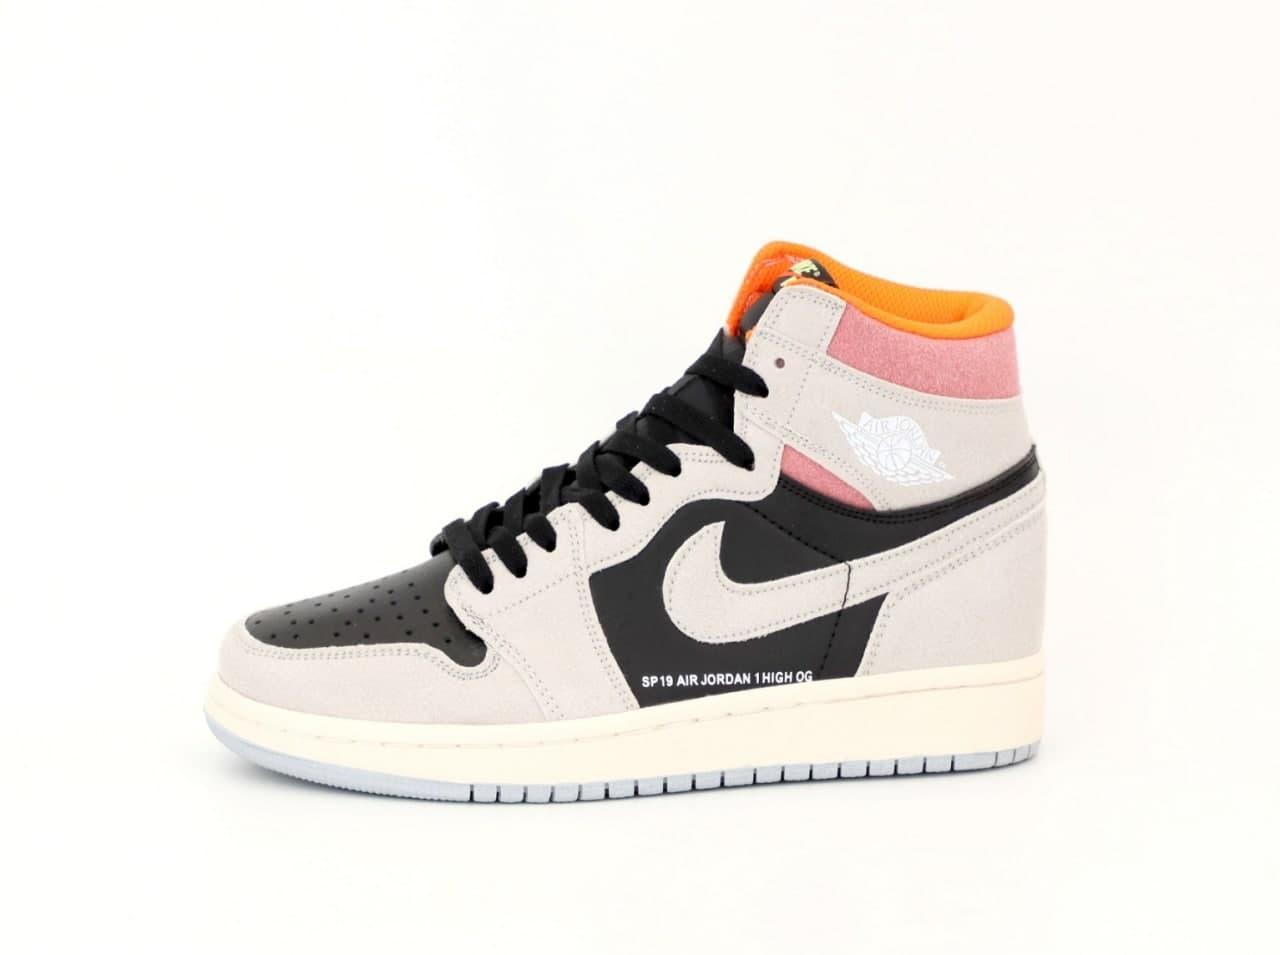 Баскетбольные кроссовки Air Jordan 1 Retro High SP19 OG Black/Gray